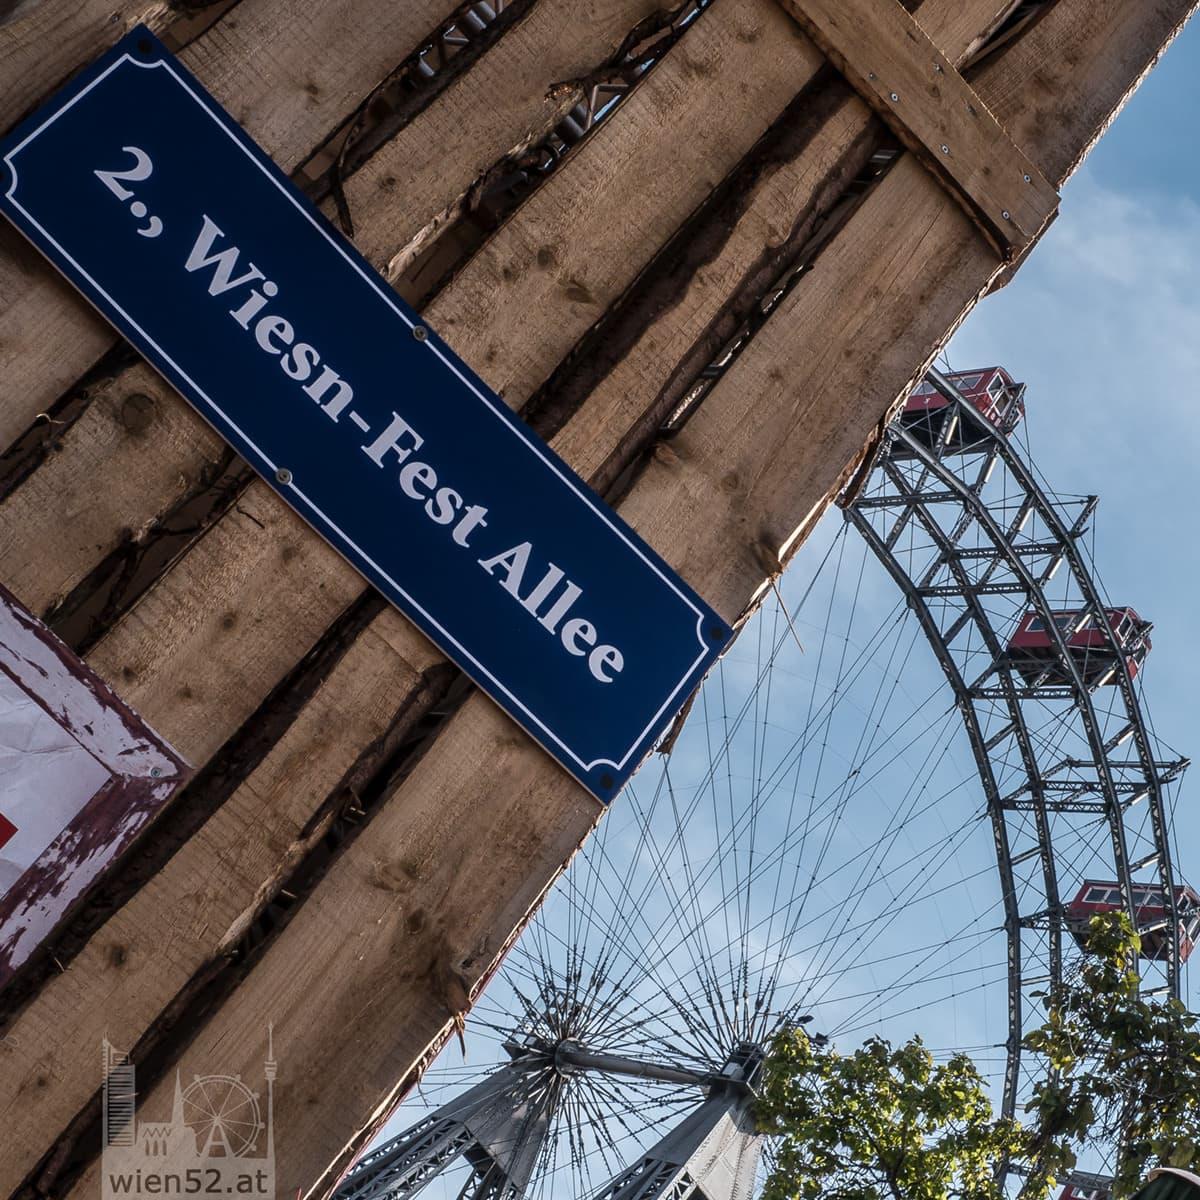 Wiener Wiesn auf der Kaiserwiese 2013